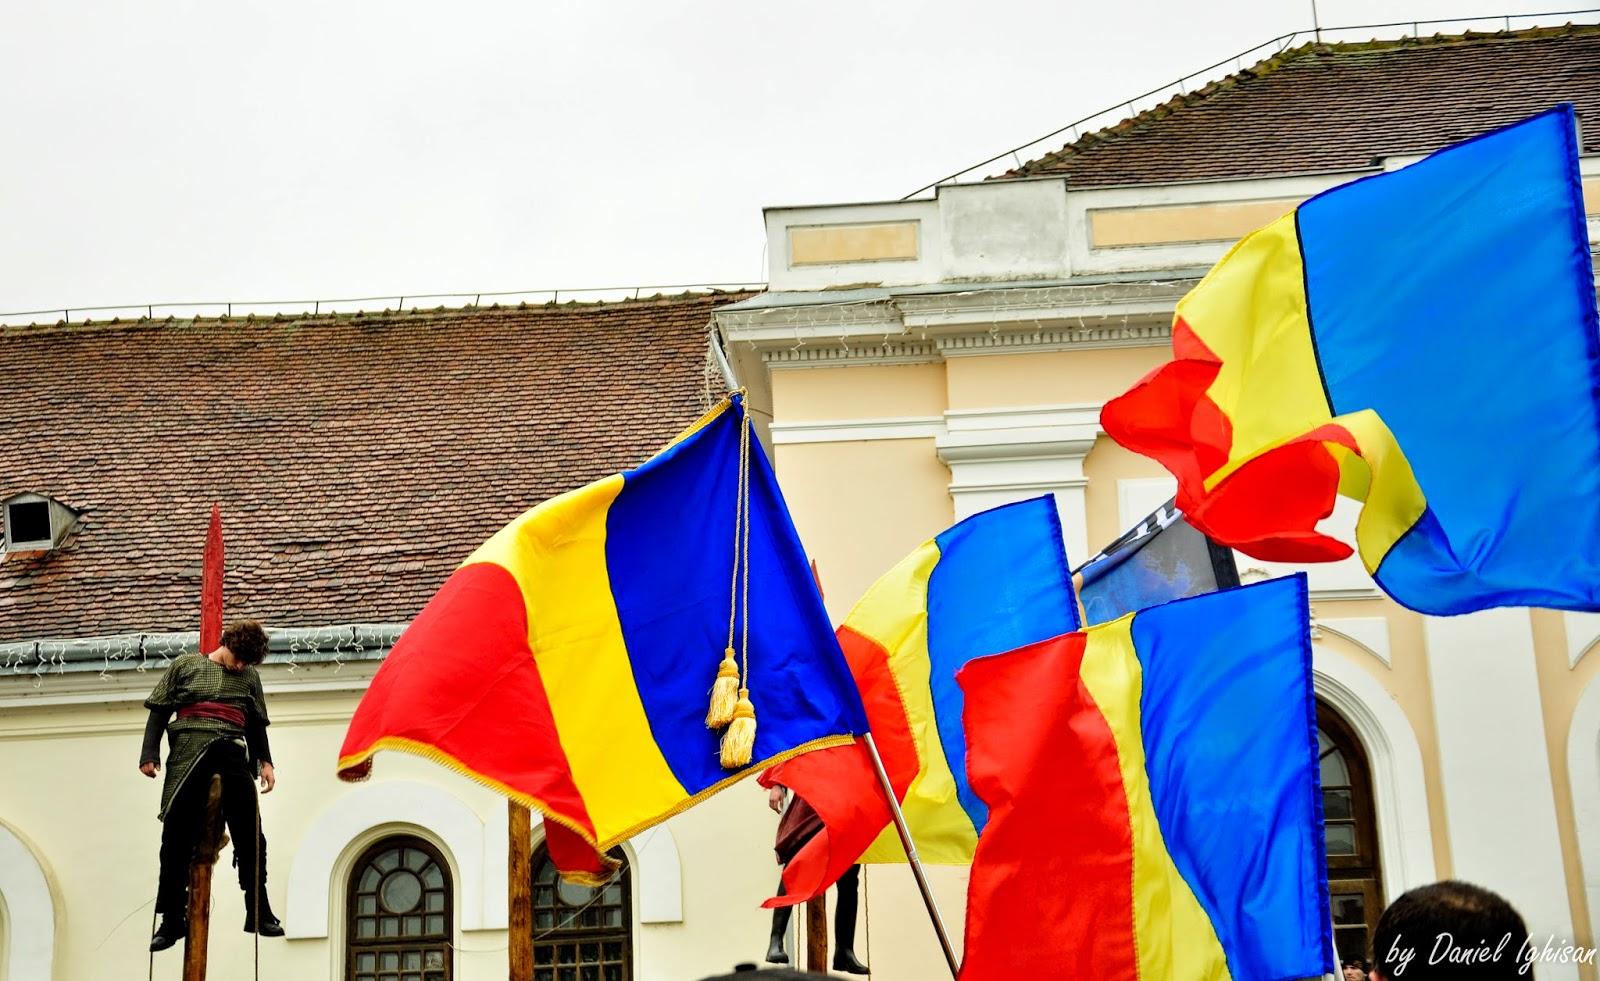 vreau sa fac cunostinta cu fete din Alba Iulia